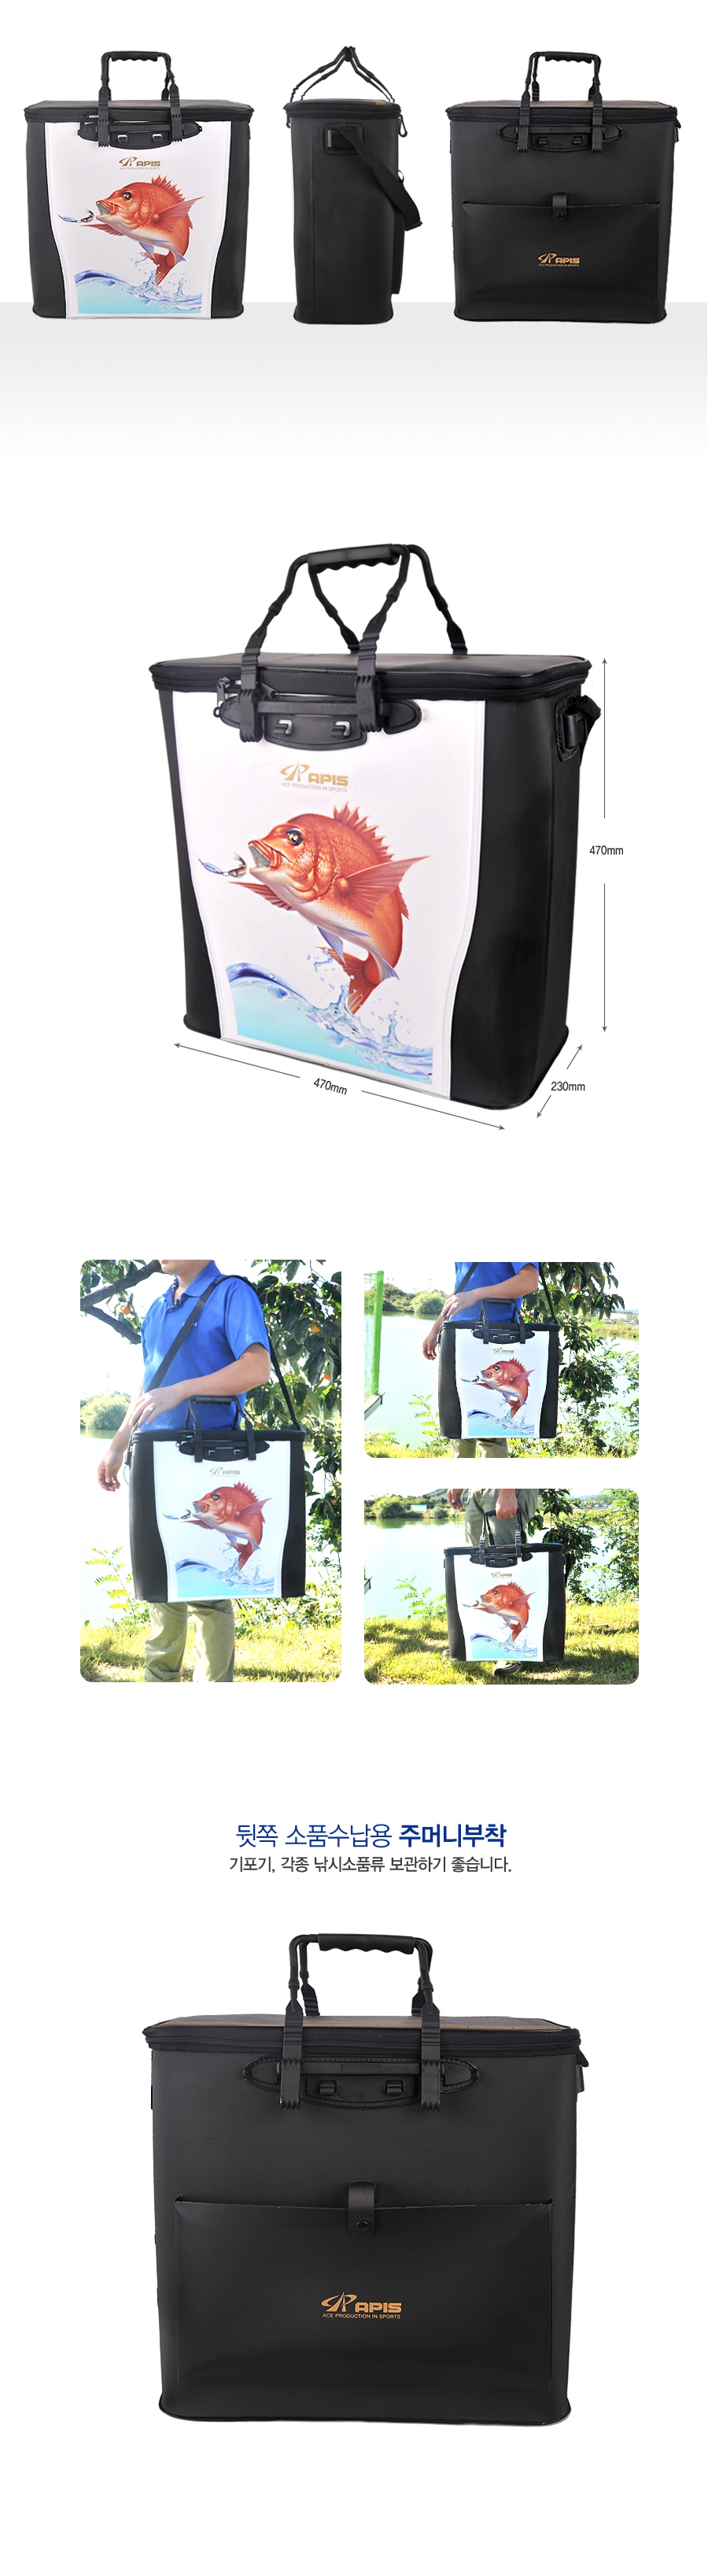 큰고기운반용가방 장화케이스 소품케이스 의류보관가방 피쉬캐리백 아피스